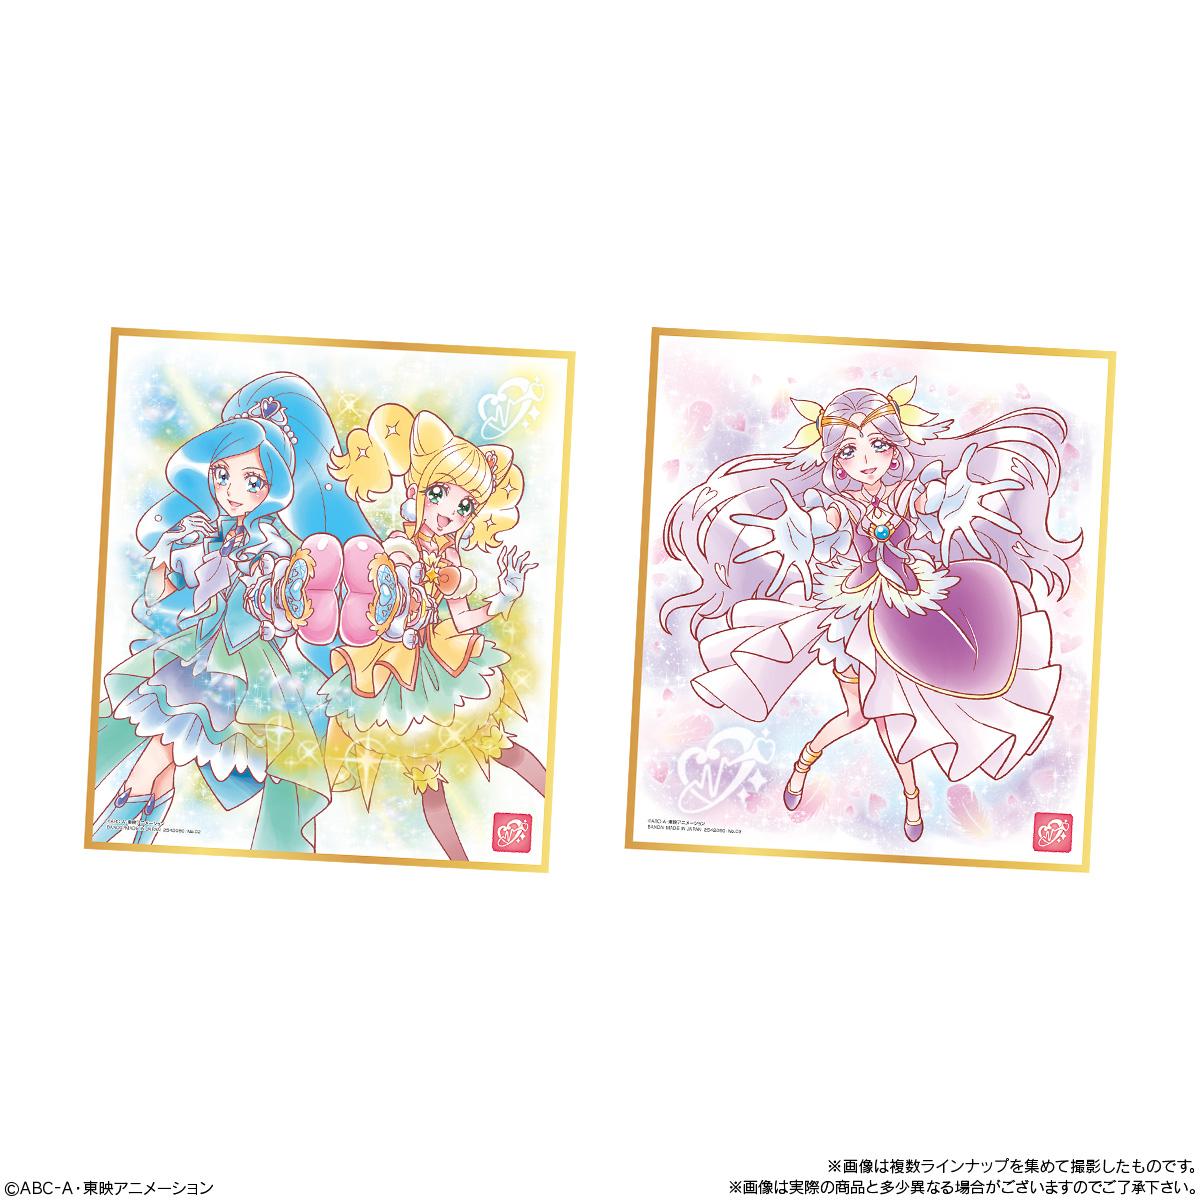 【食玩】プリキュア『プリキュア 色紙ART3』10個入りBOX-002